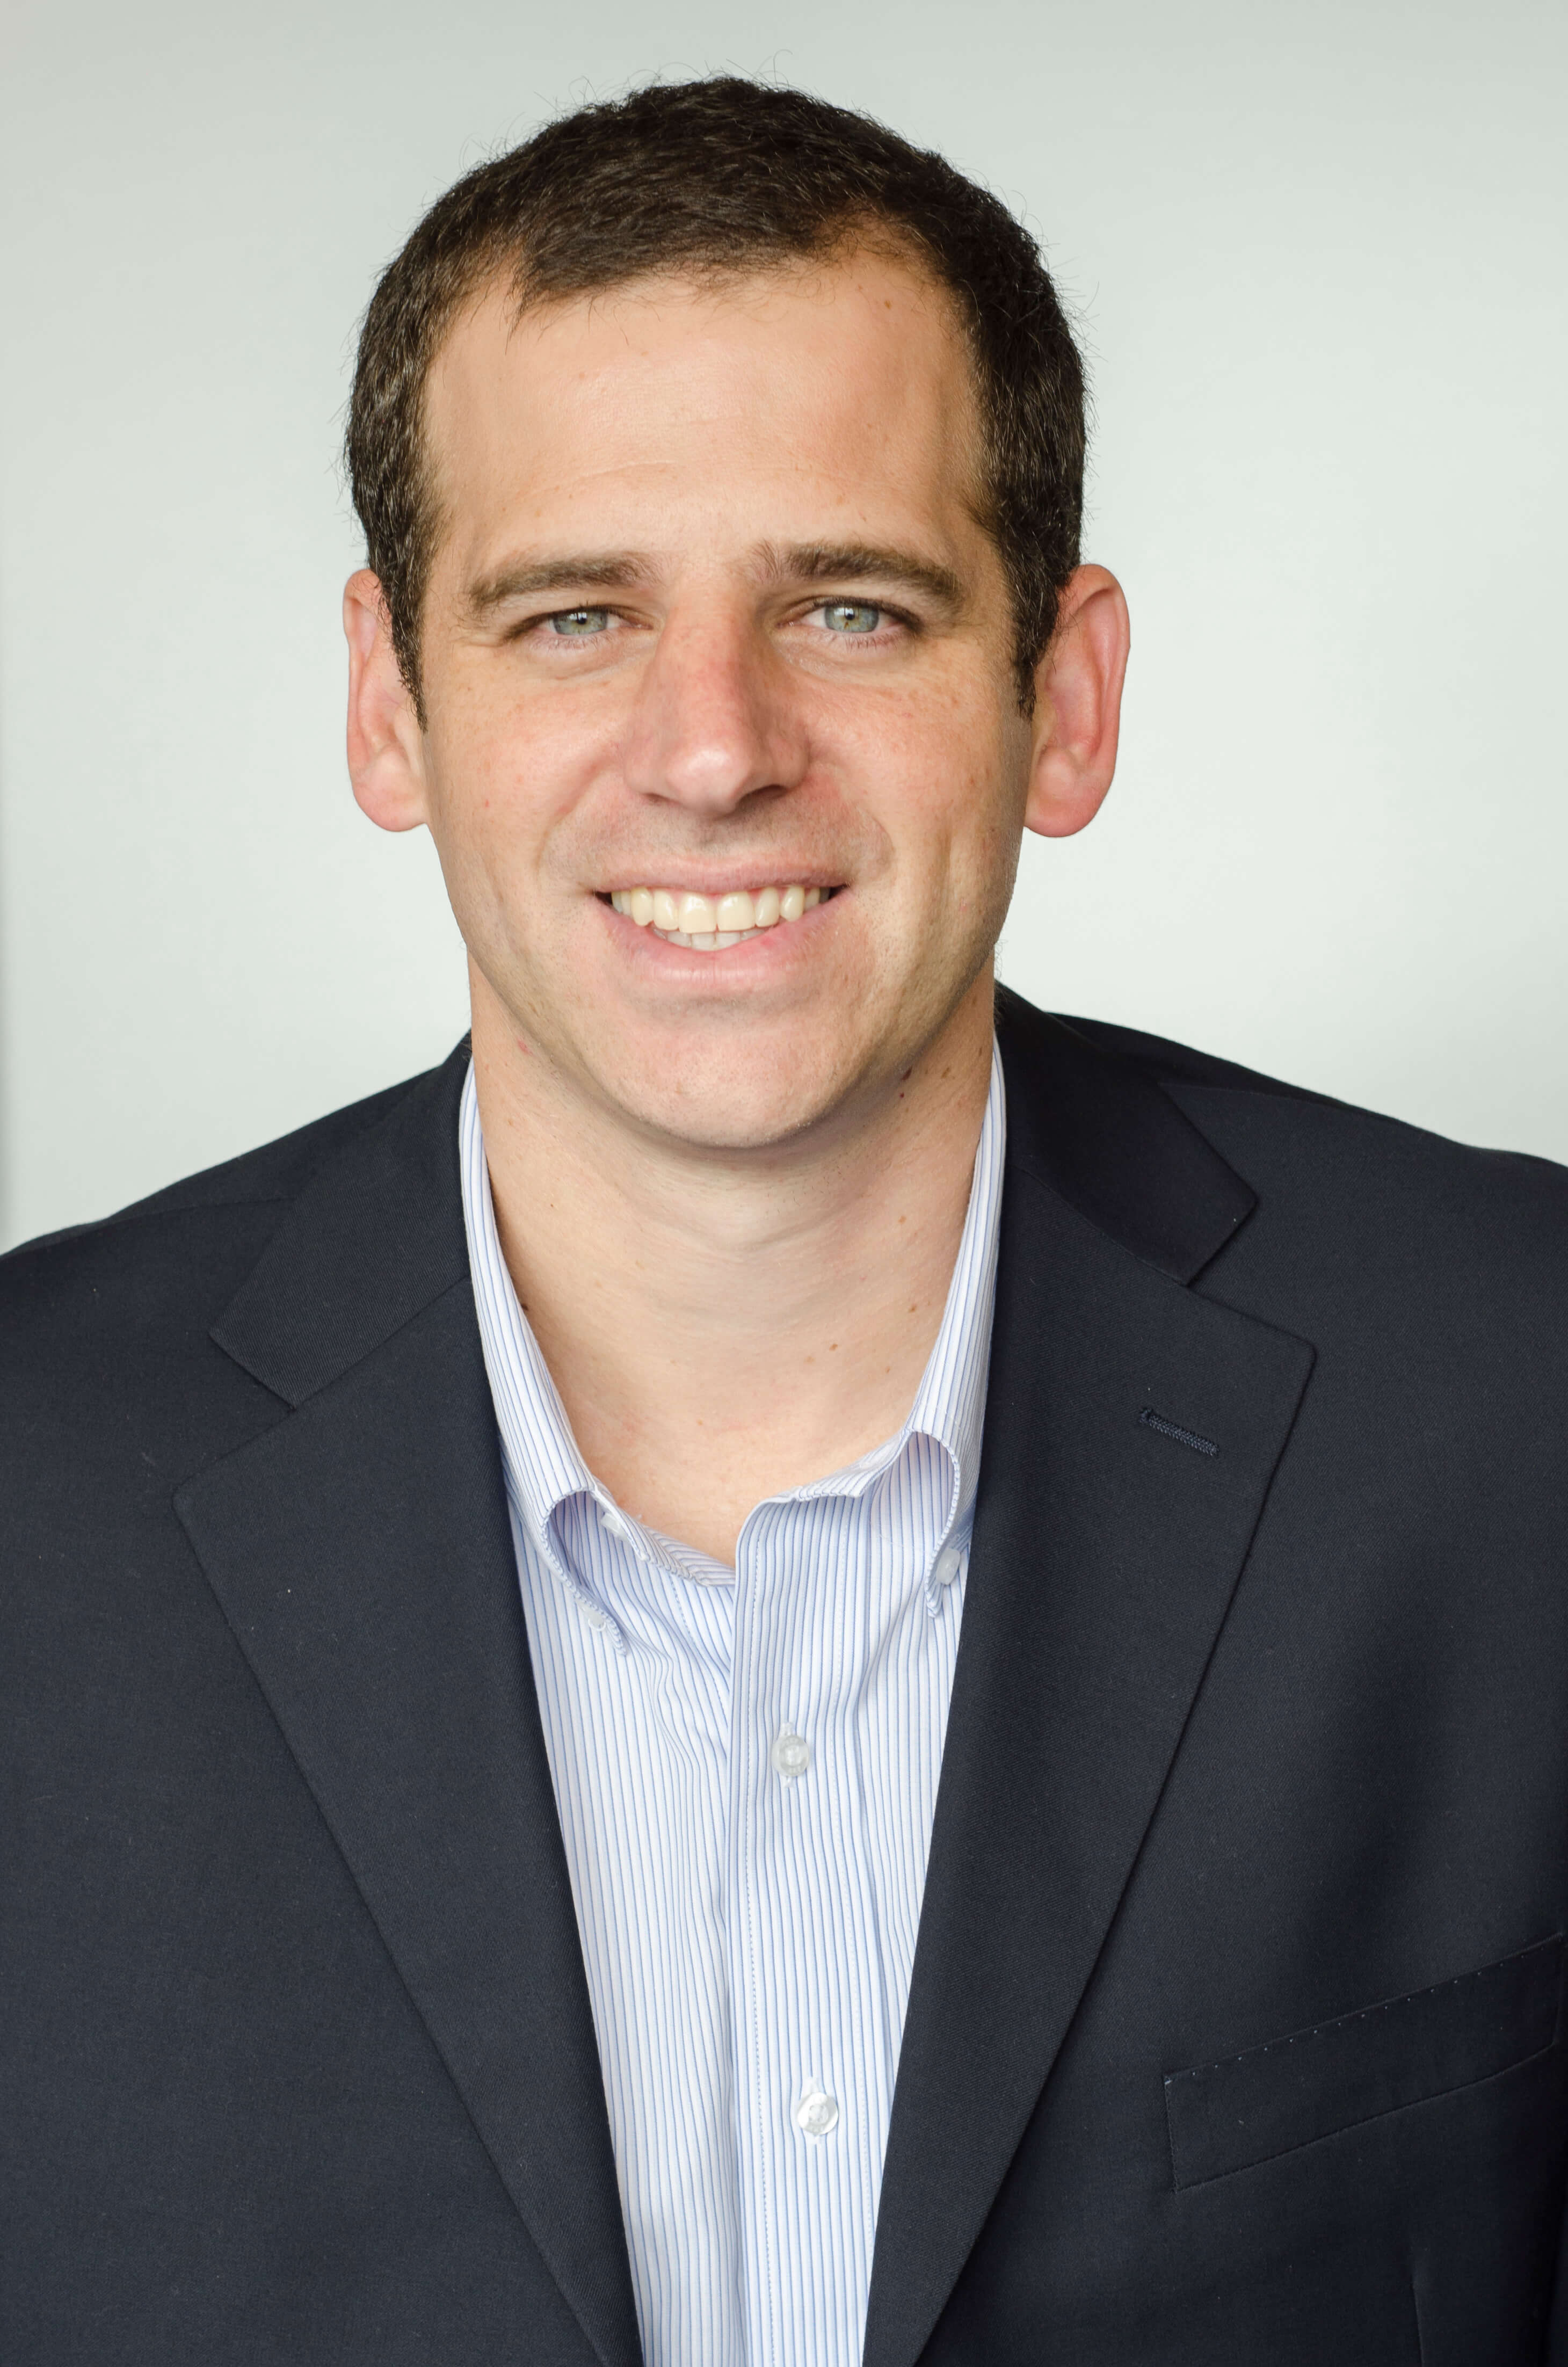 Cr. Javier Fischer